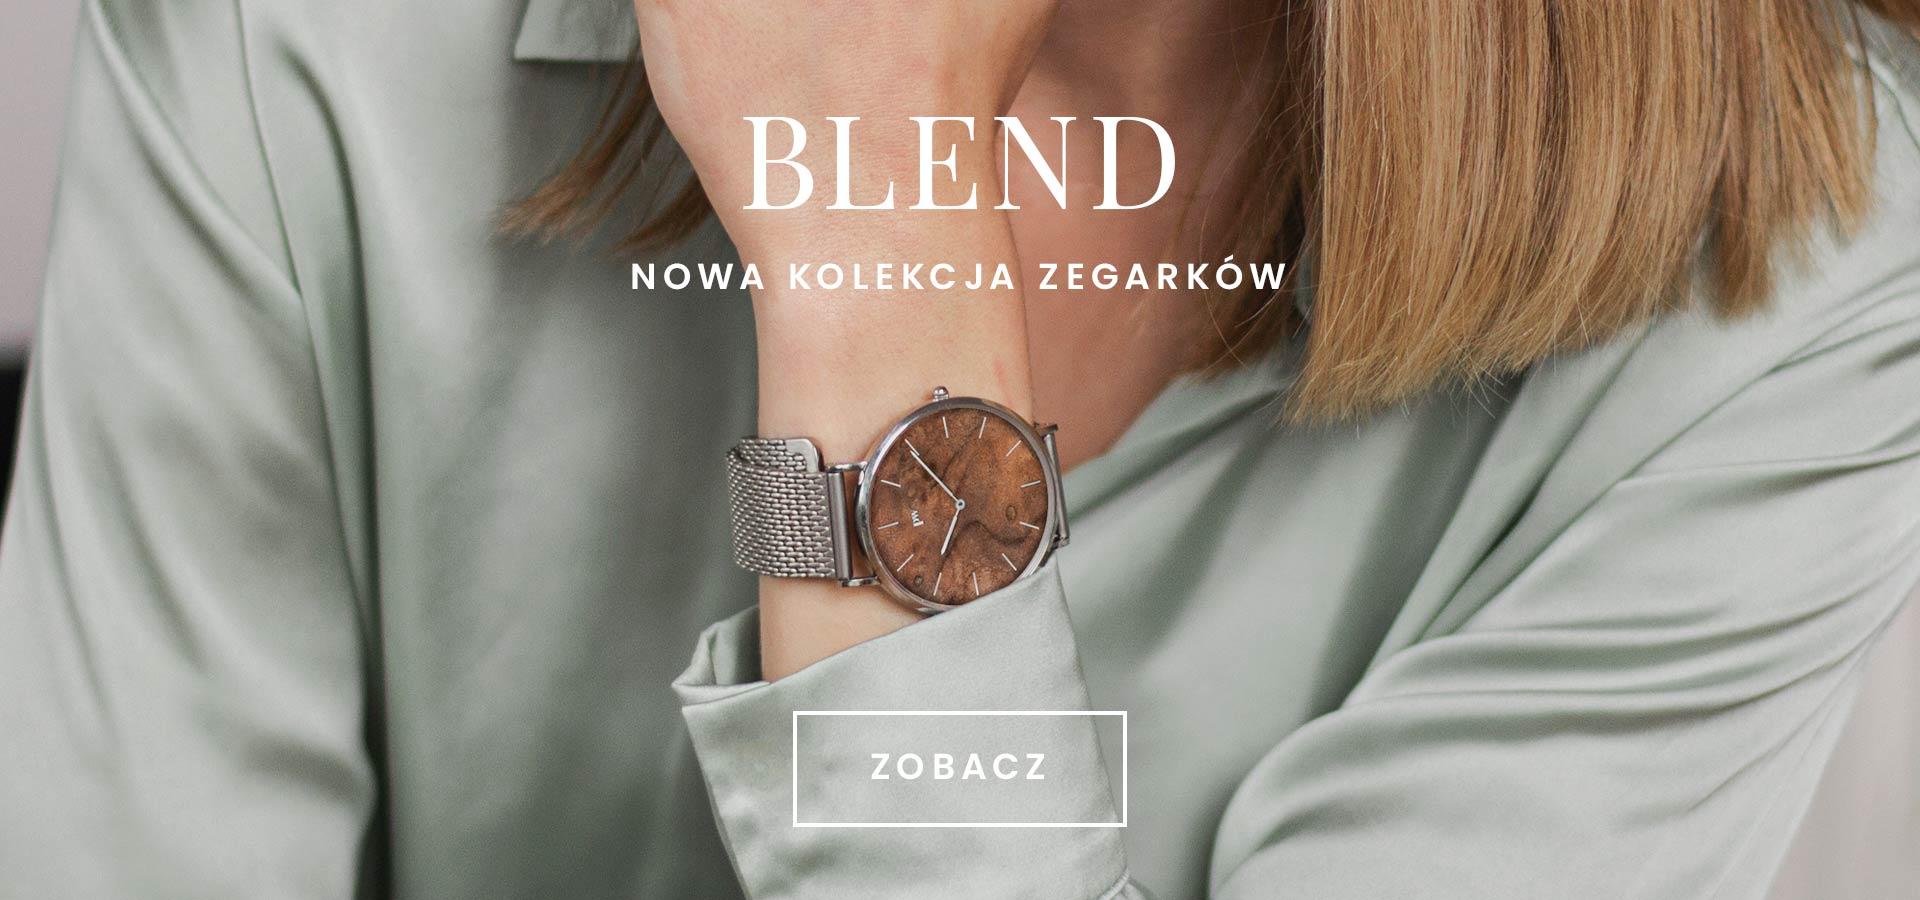 SG_kolekcja_blend_1920x900